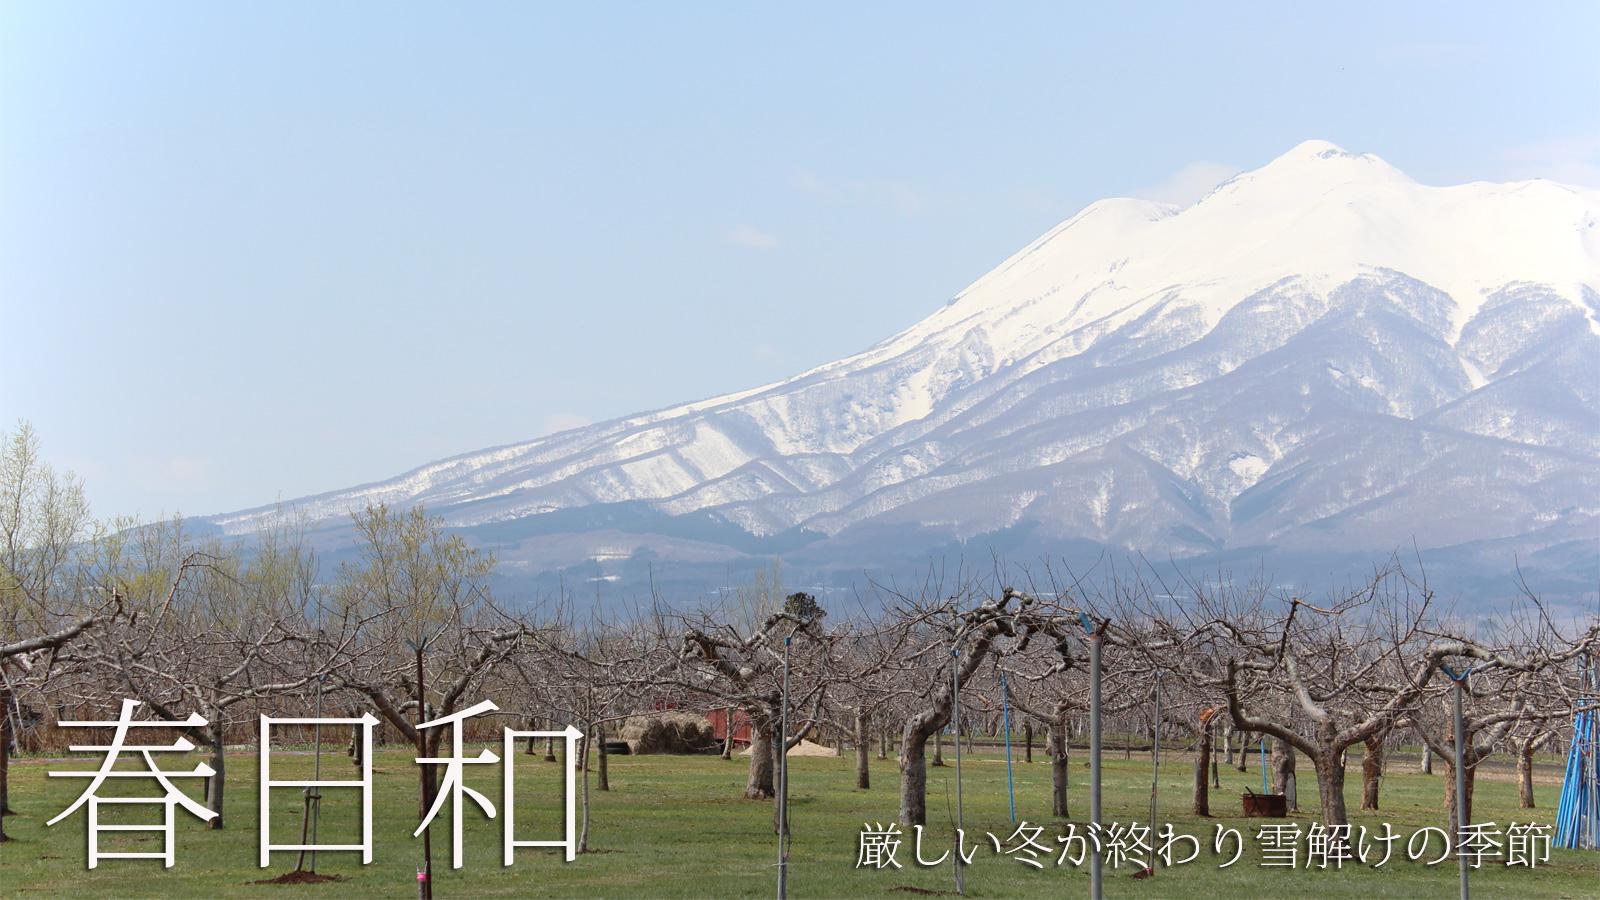 春日和 厳しい冬が終わり雪解けの季節